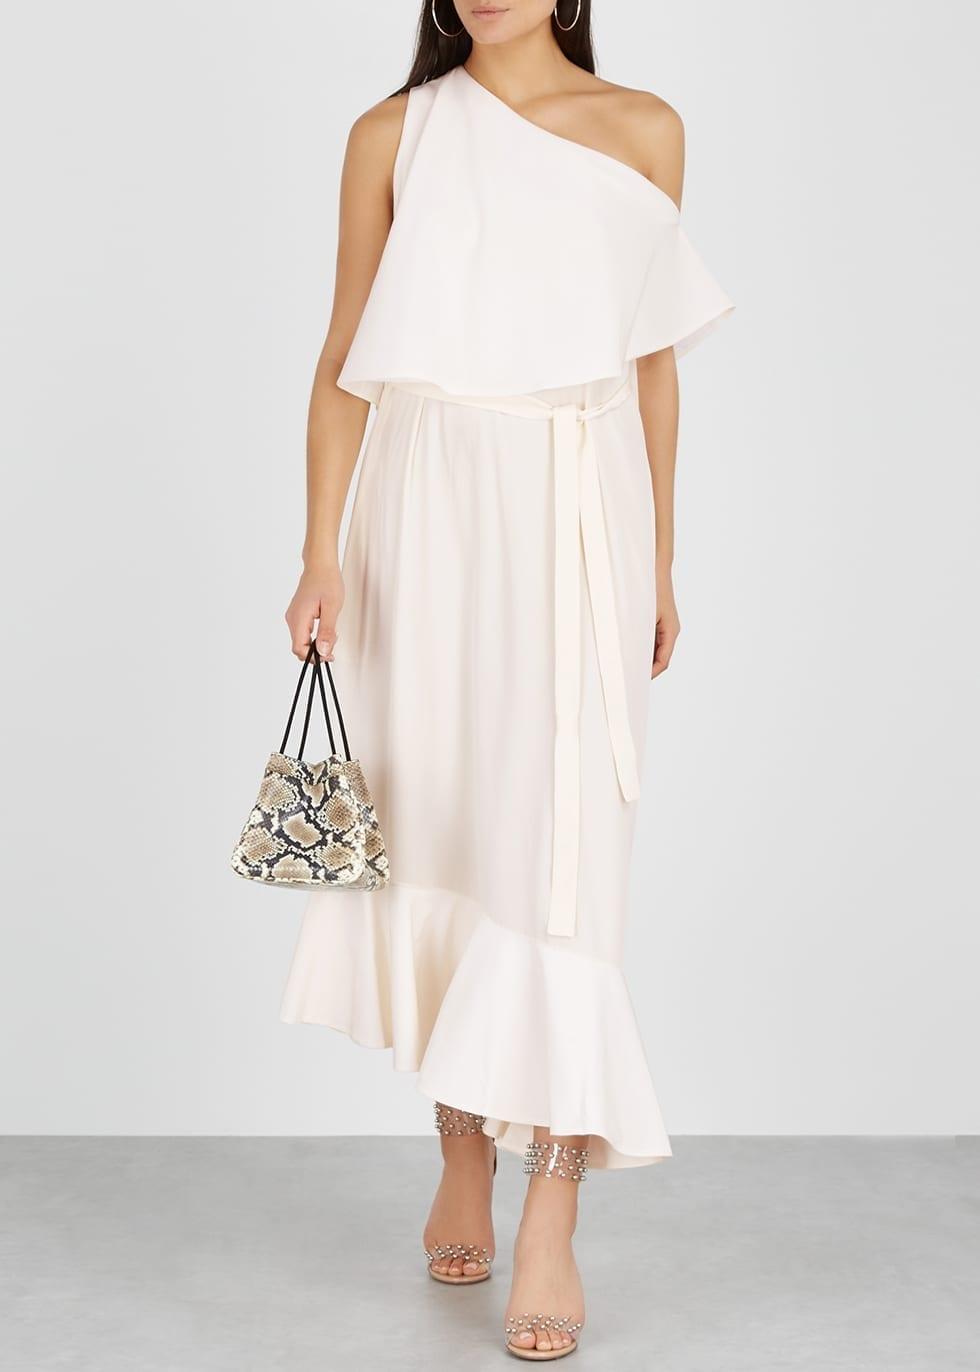 One Shoulder Silk Dresses